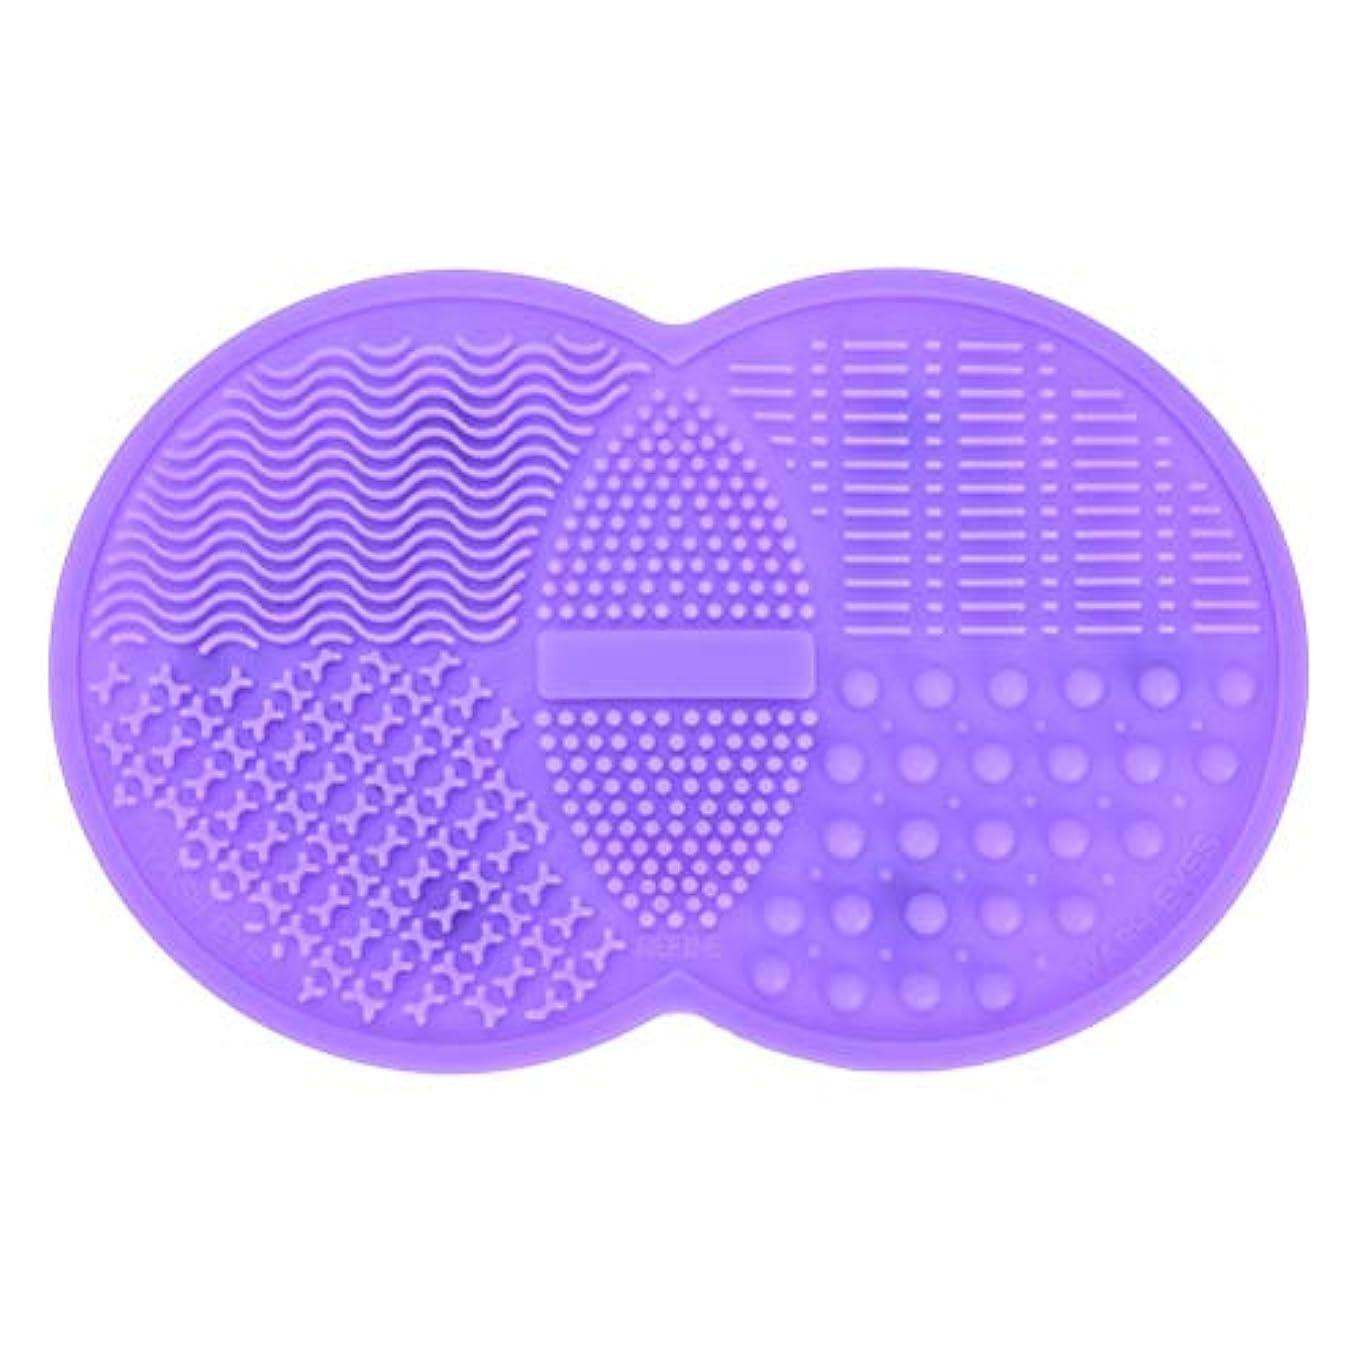 設置真似るエラーPichidr-JP メイクブラシ クリーナー シリコンマット化粧 洗浄 化粧筆 筆洗い(パープル)